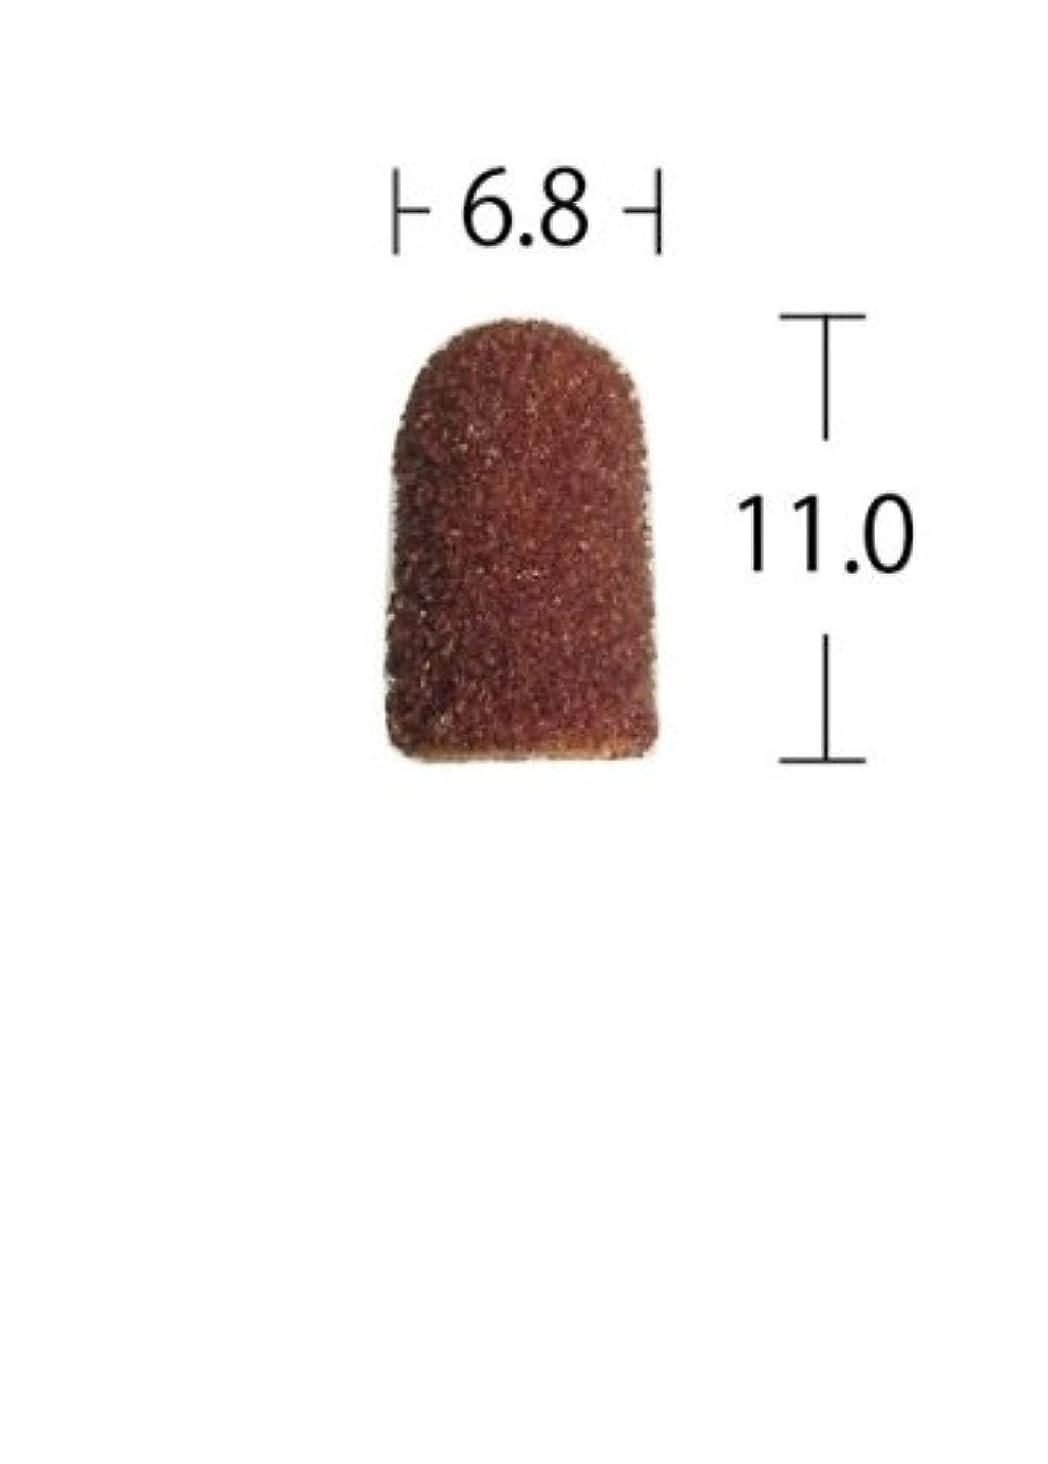 キャップサンダー 粗目#80 b-5C 直径 5mm 3個入